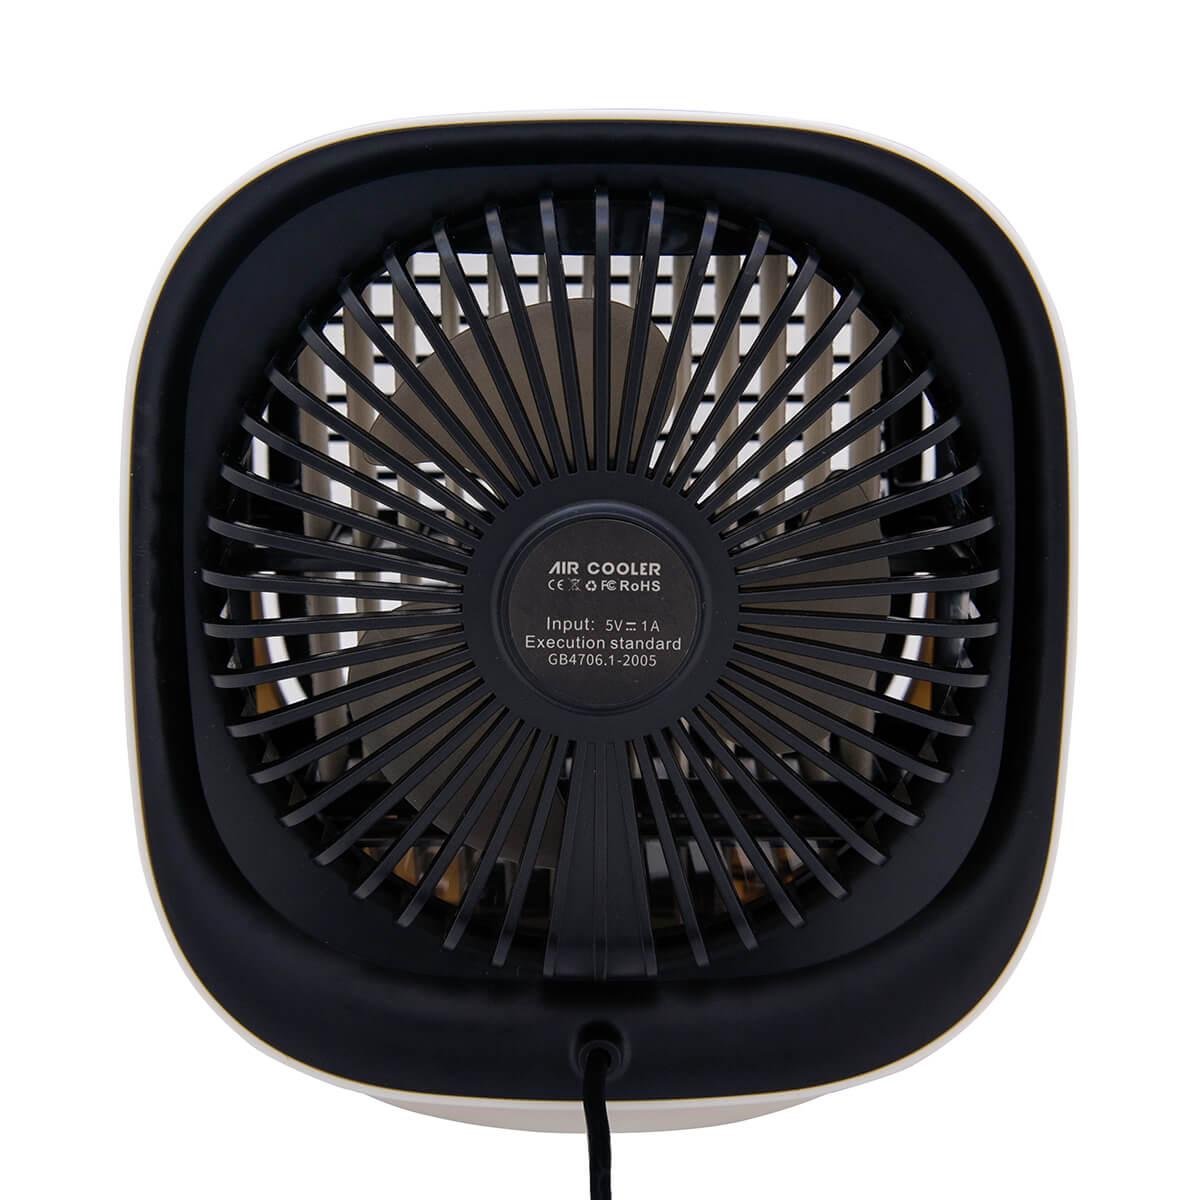 Мини кондиционер Air Cooler MAX с LED подсветкой - 3